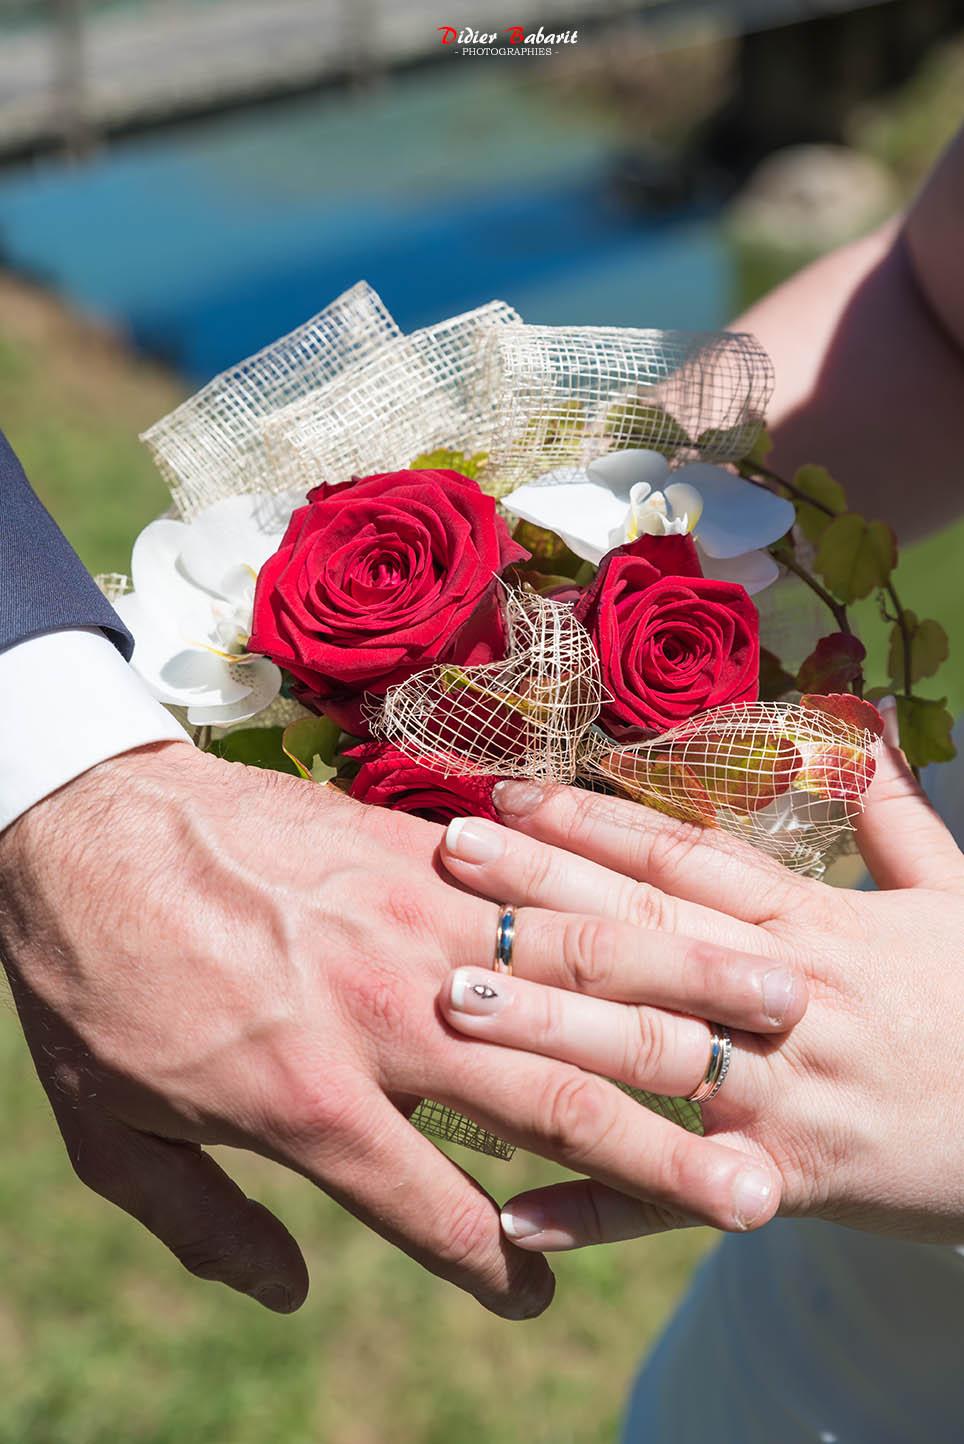 Stéphanie Michel photos mariés 16 juillet 2016 (1)